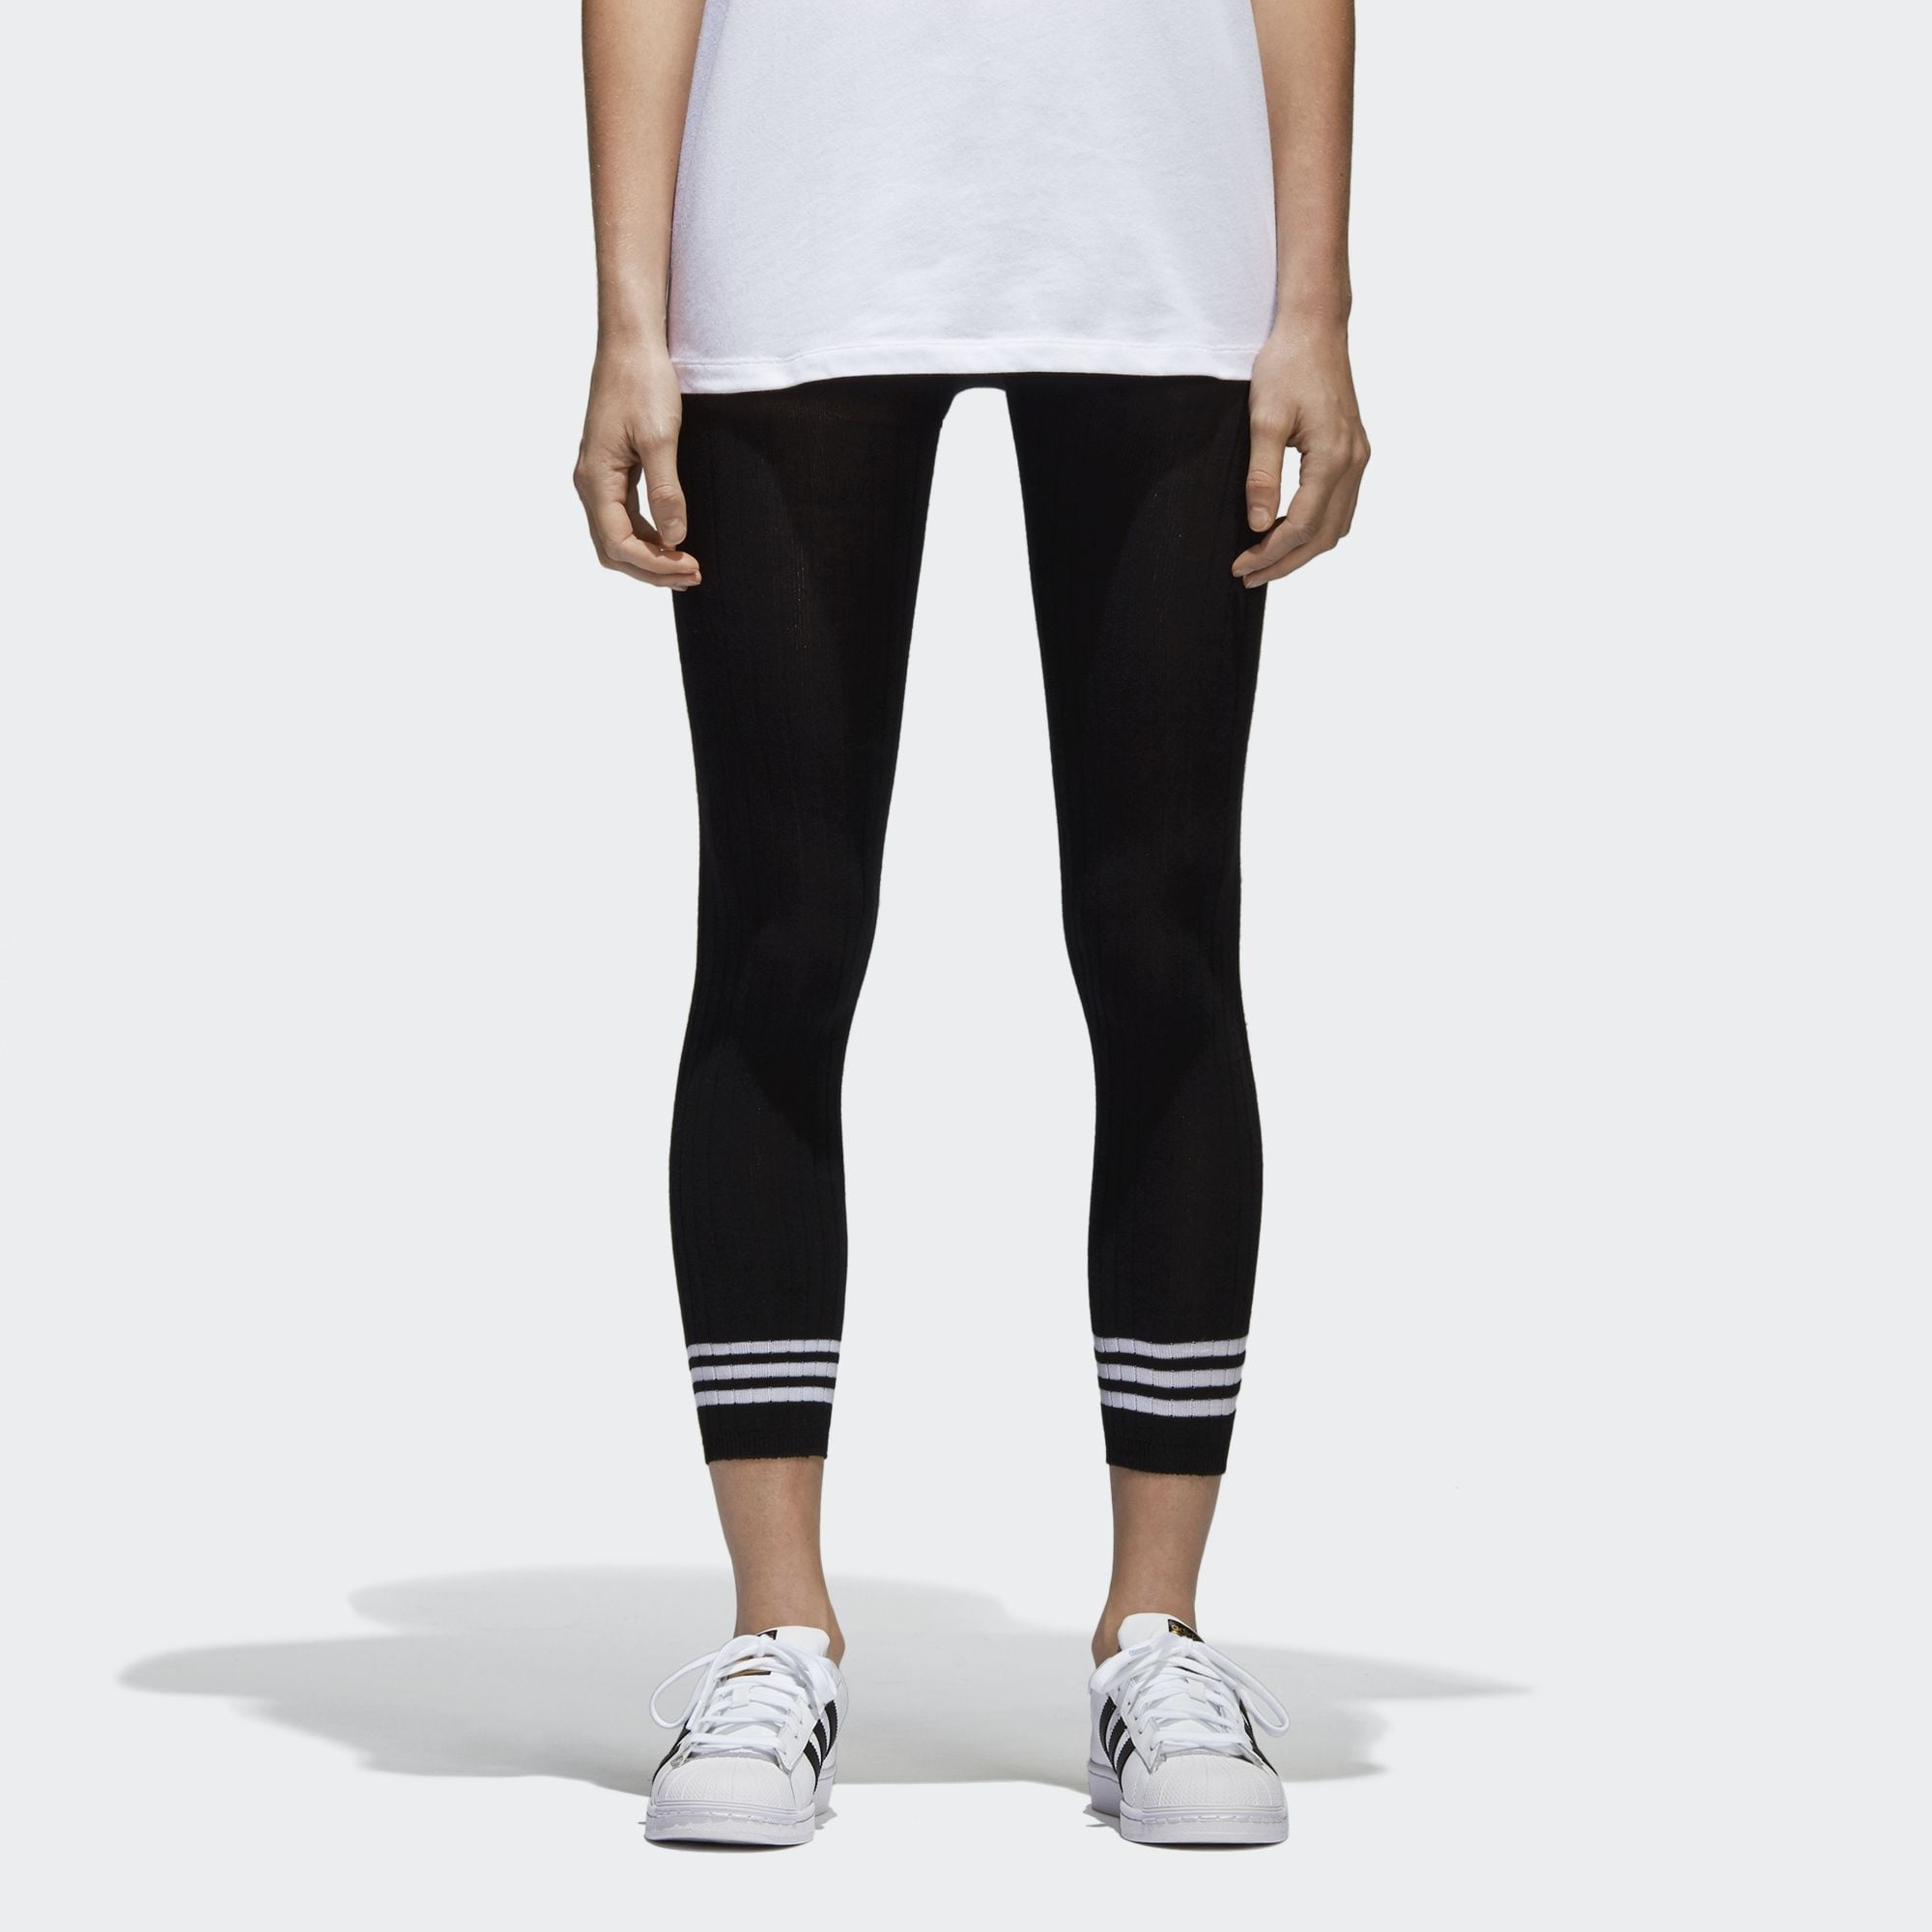 Adidas Originals Womens Black 3-Stripes Tights  f0efd8d0697d